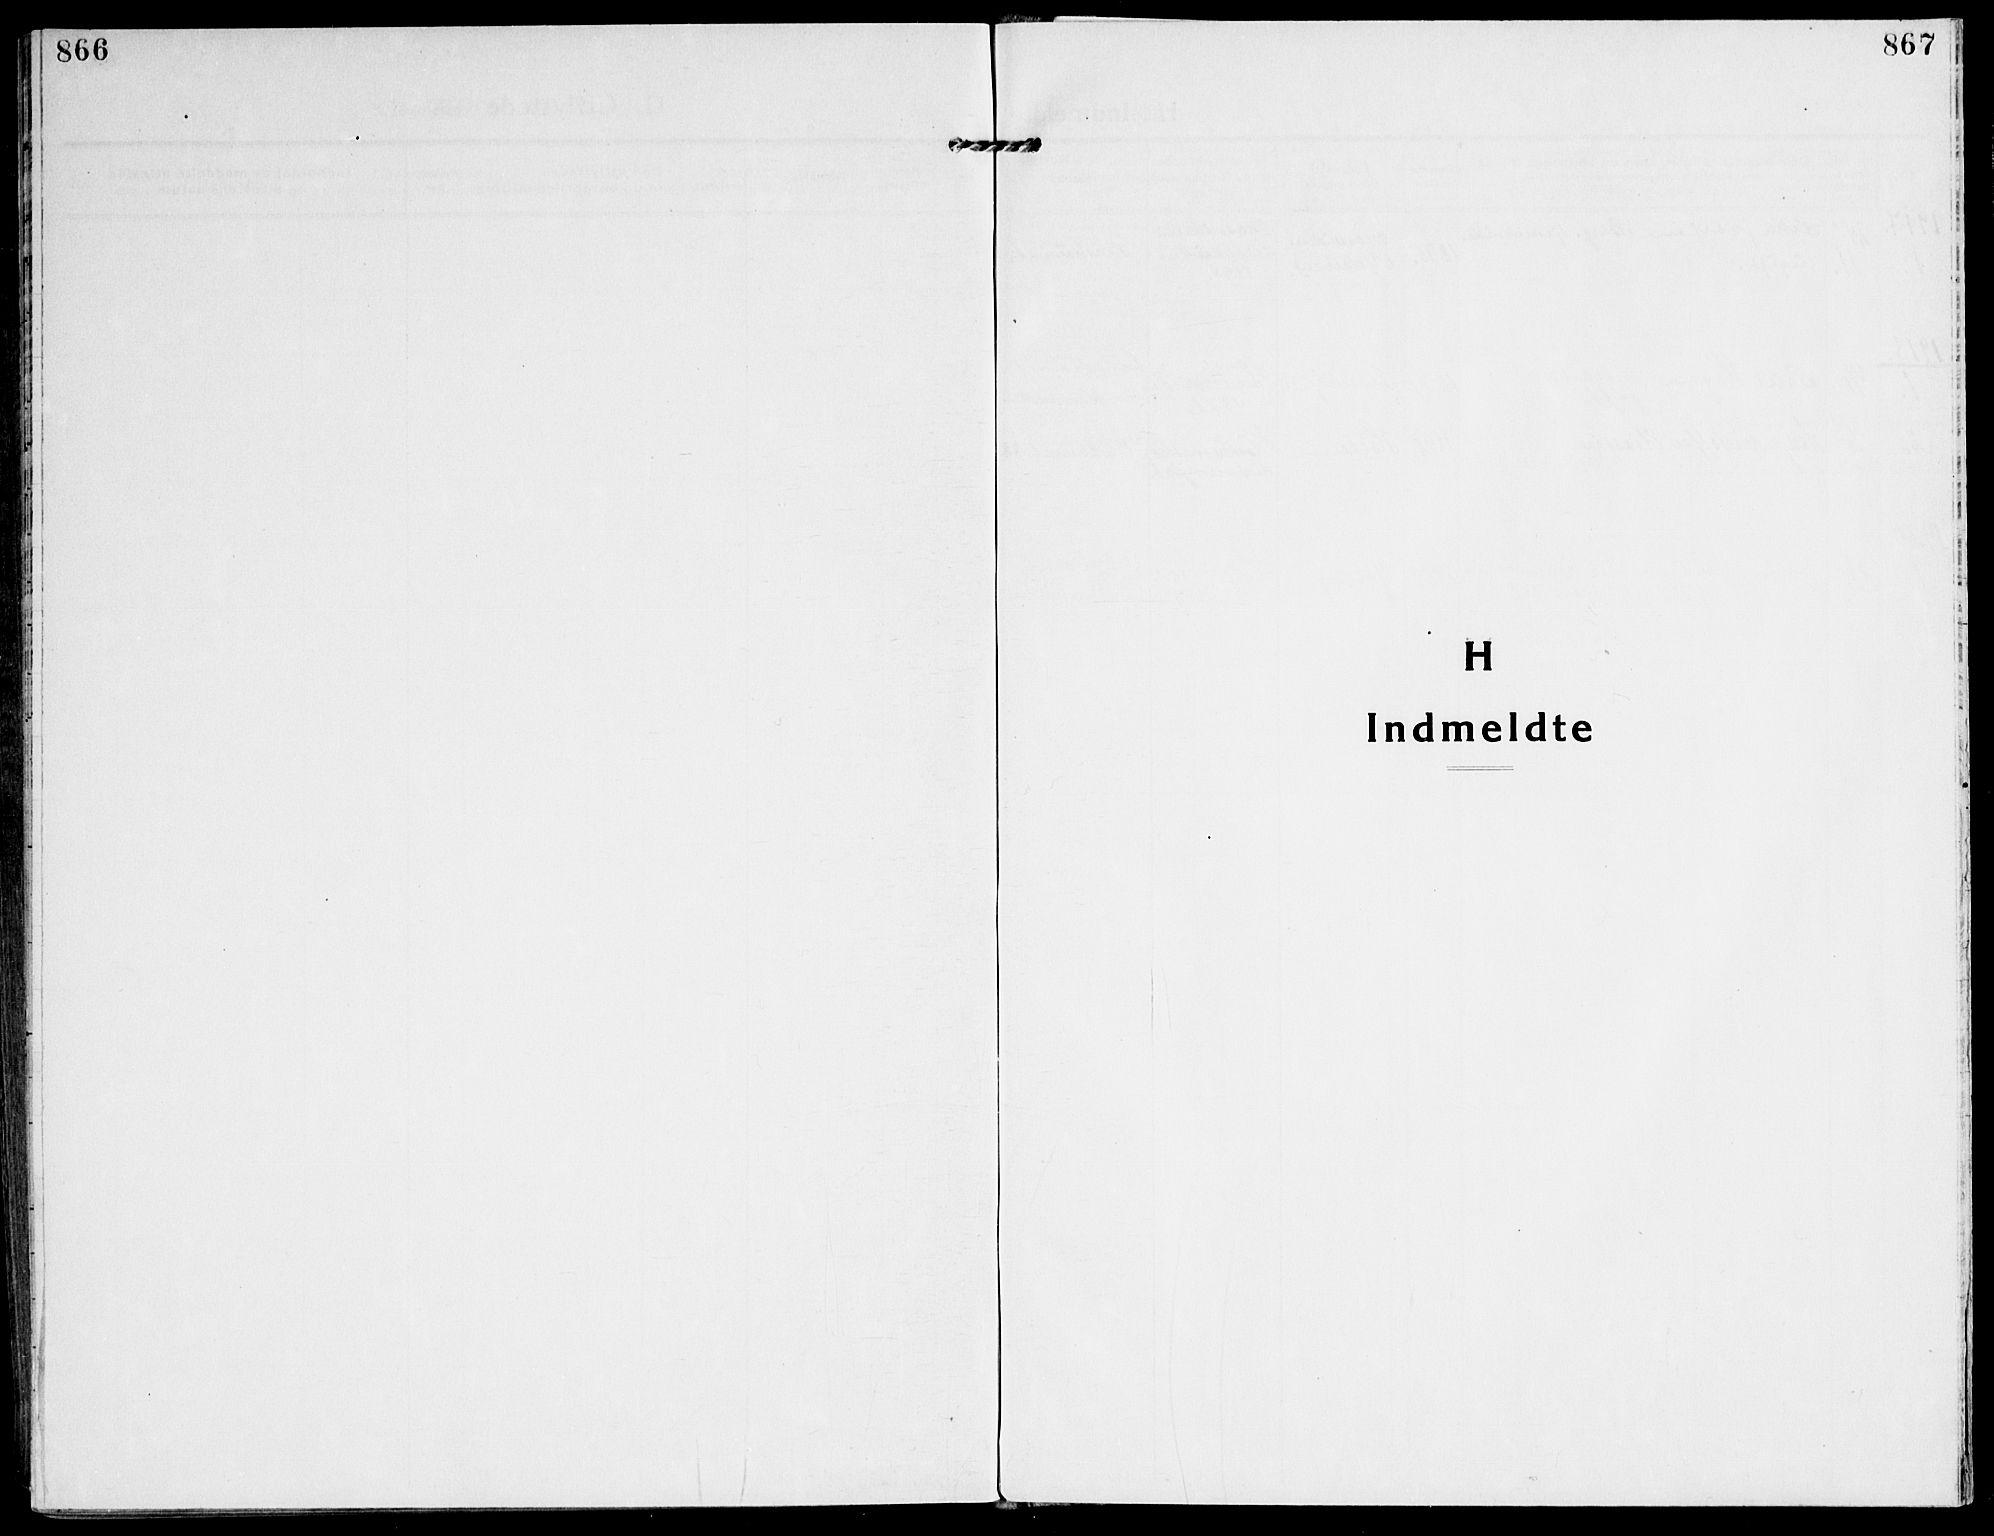 SAT, Ministerialprotokoller, klokkerbøker og fødselsregistre - Sør-Trøndelag, 607/L0321: Ministerialbok nr. 607A05, 1916-1935, s. 866-867